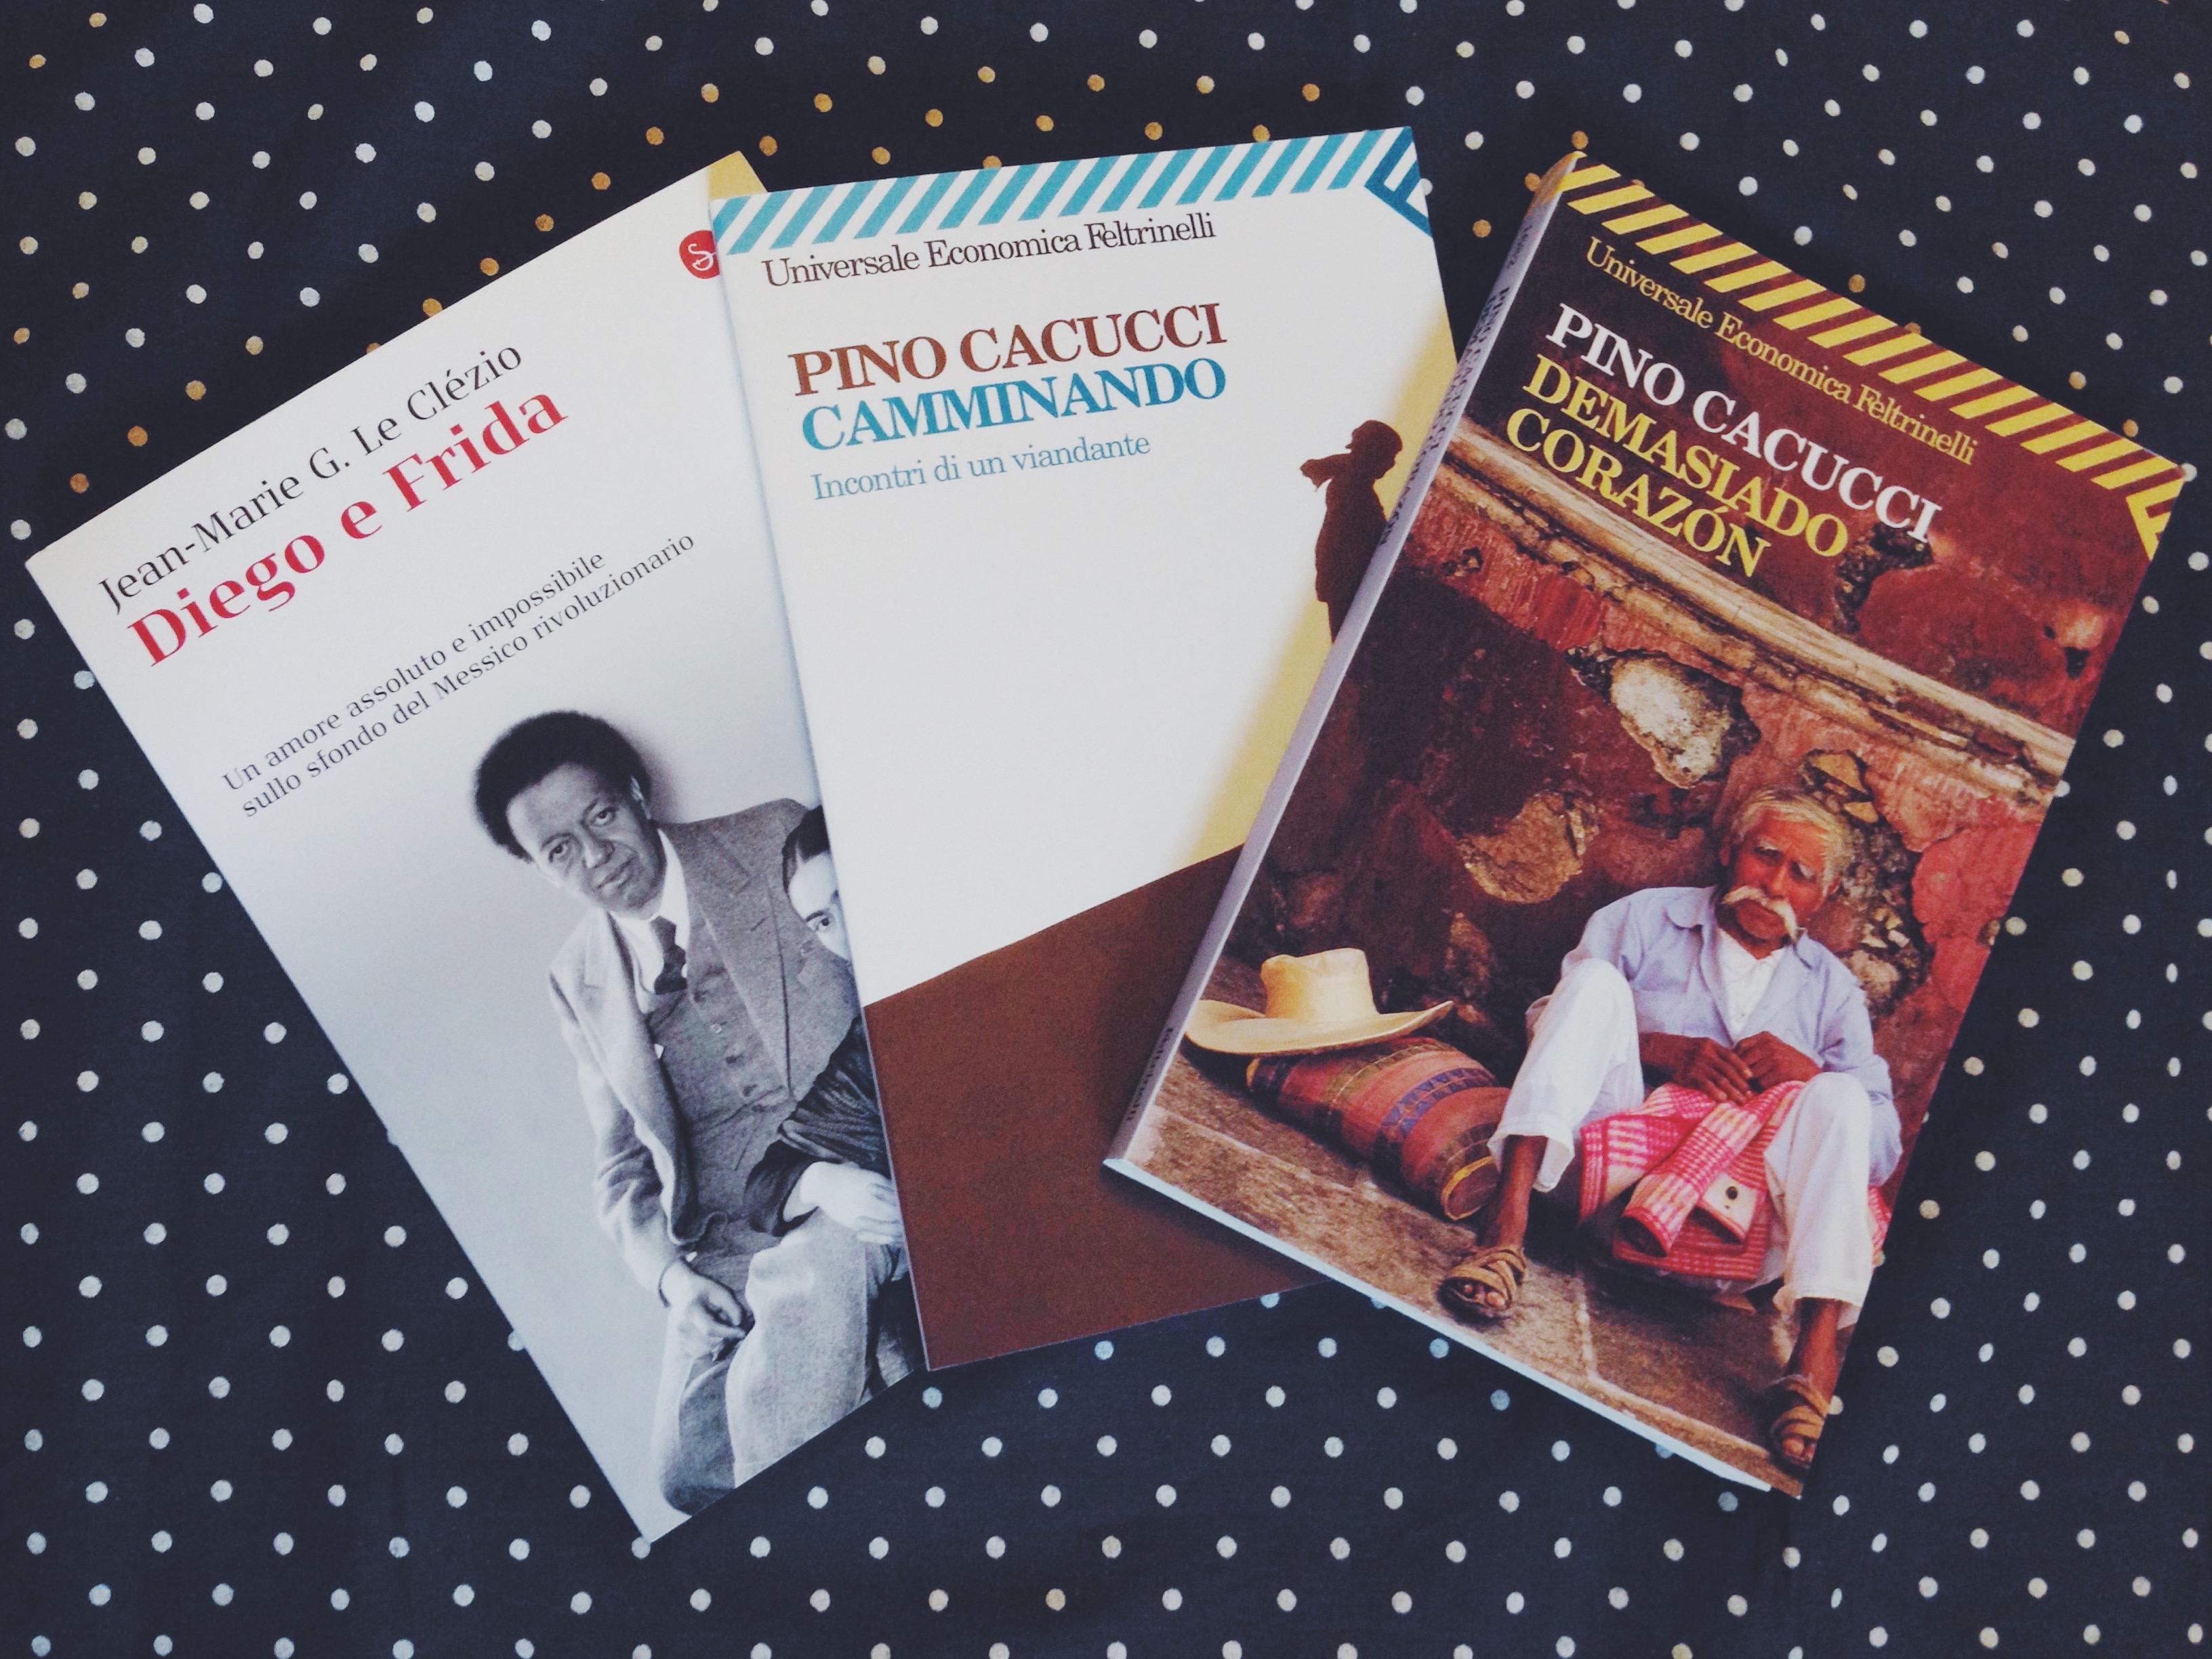 libri sul messico